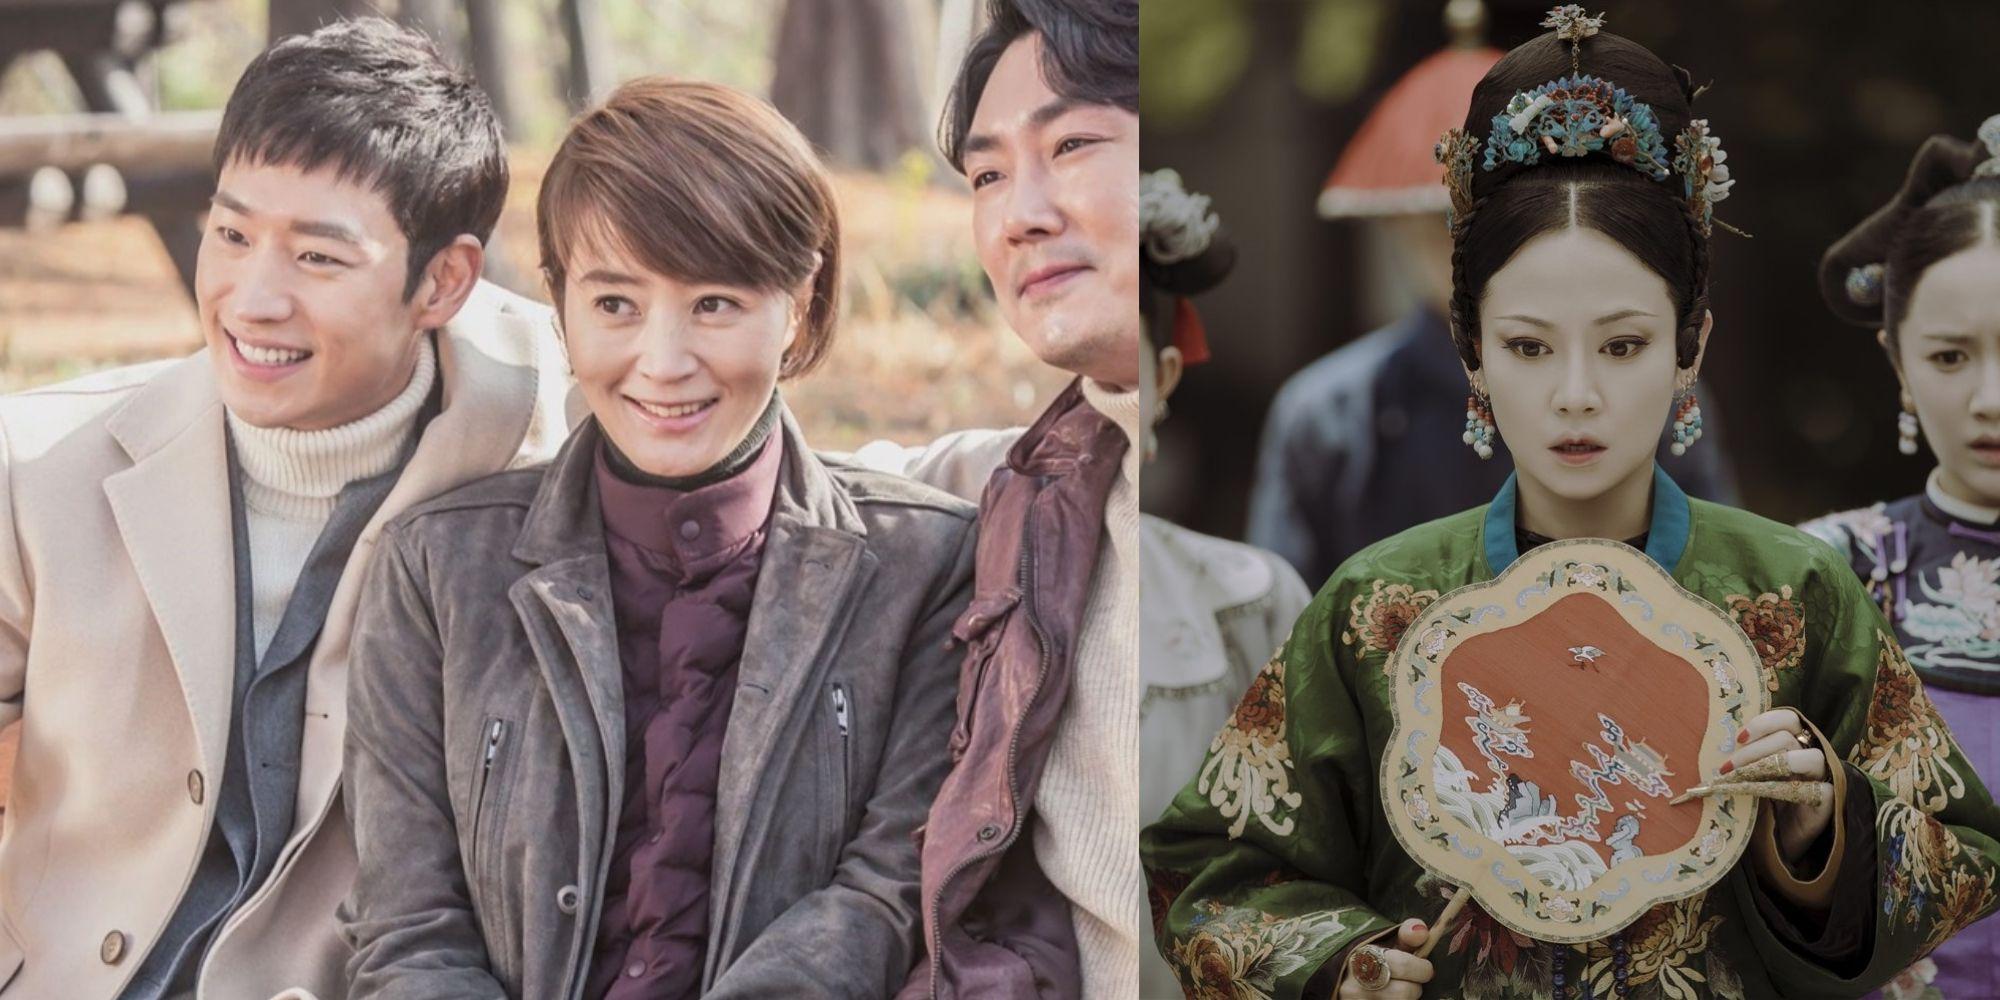 神劇《信號 Signal》還沒出第二季就先翻拍陸版!女主角已確定是「延禧高貴妃」譚卓,劇迷表示:她我可以!